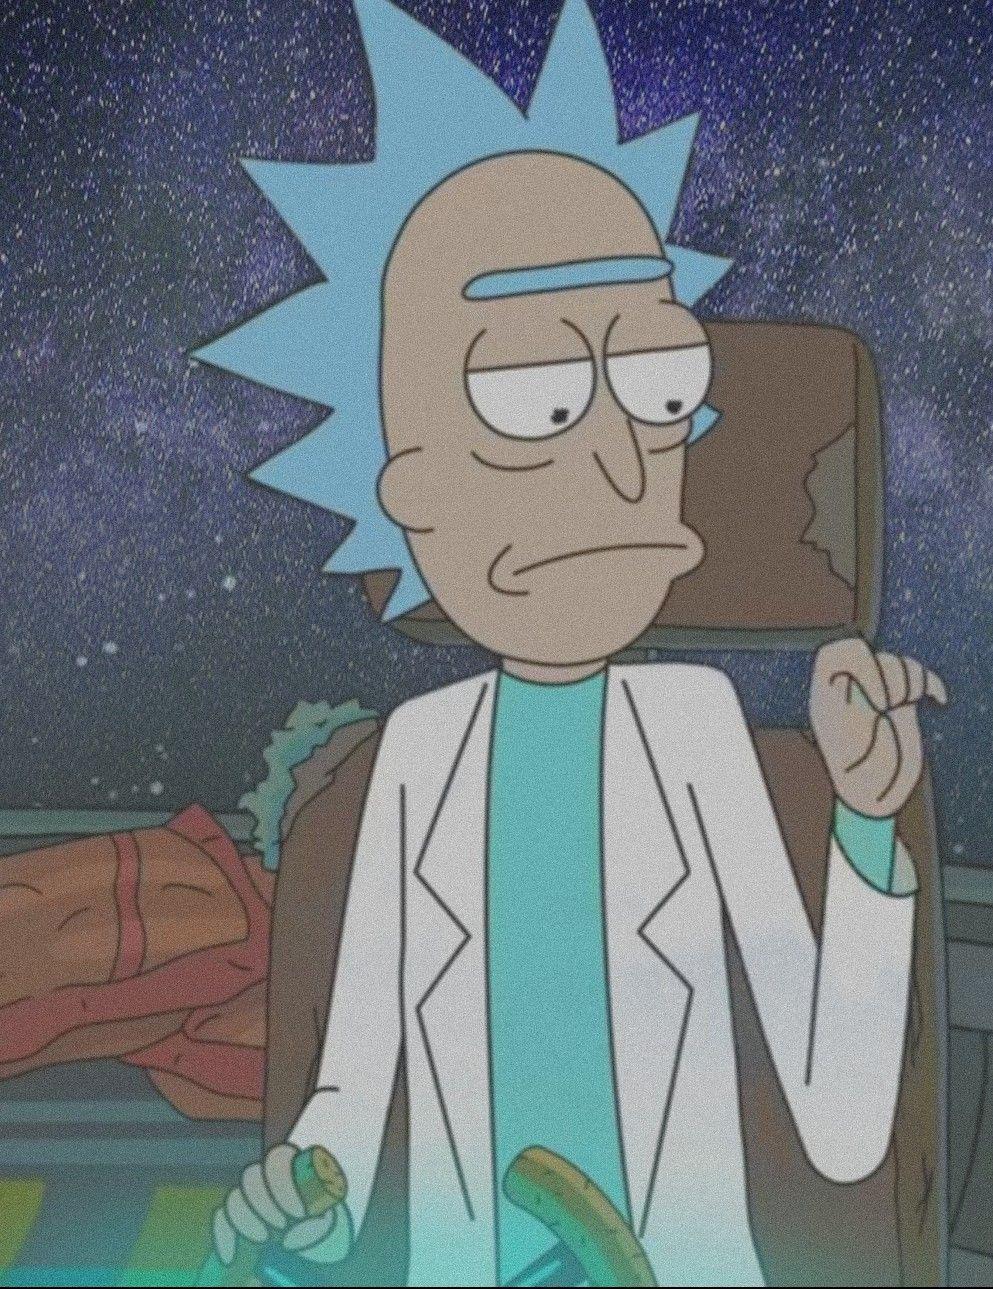 Rick And Morty Rick And Morty Poster Rick And Morty Season Rick And Morty